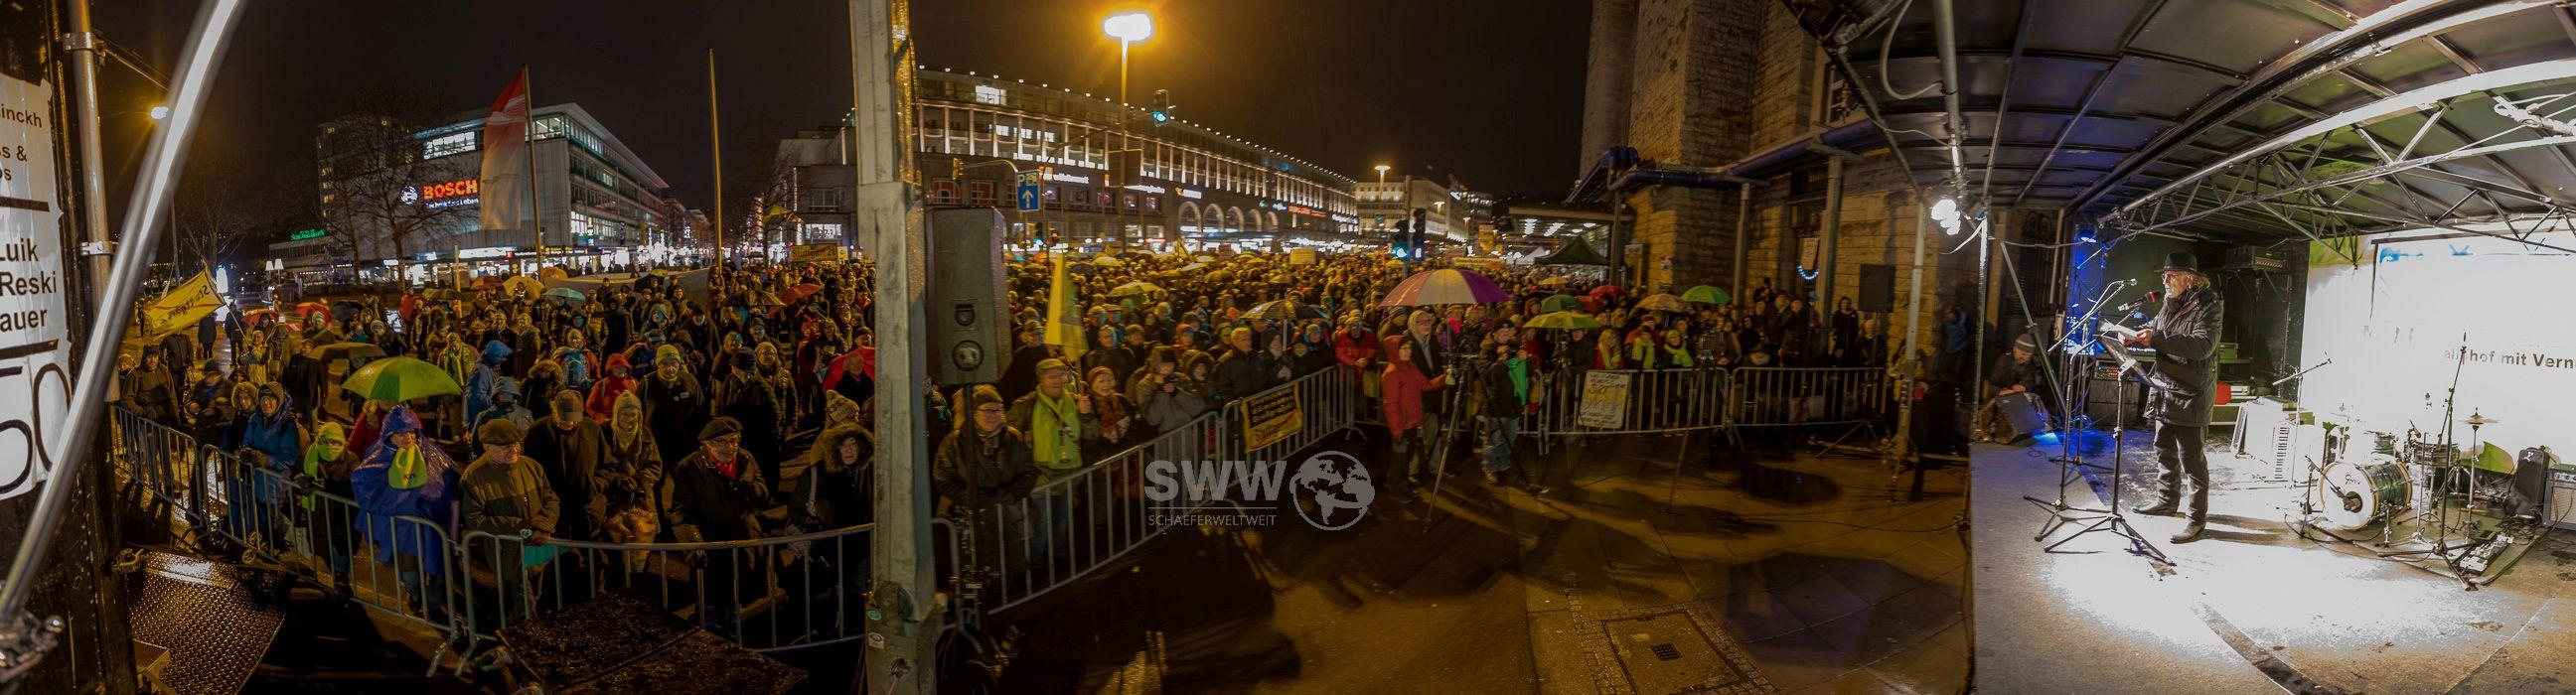 Panorama von Joe Bauer auf der 450. Montagsdemo gegen Stuttgart 21 mit rund 2000 Teilnehmern